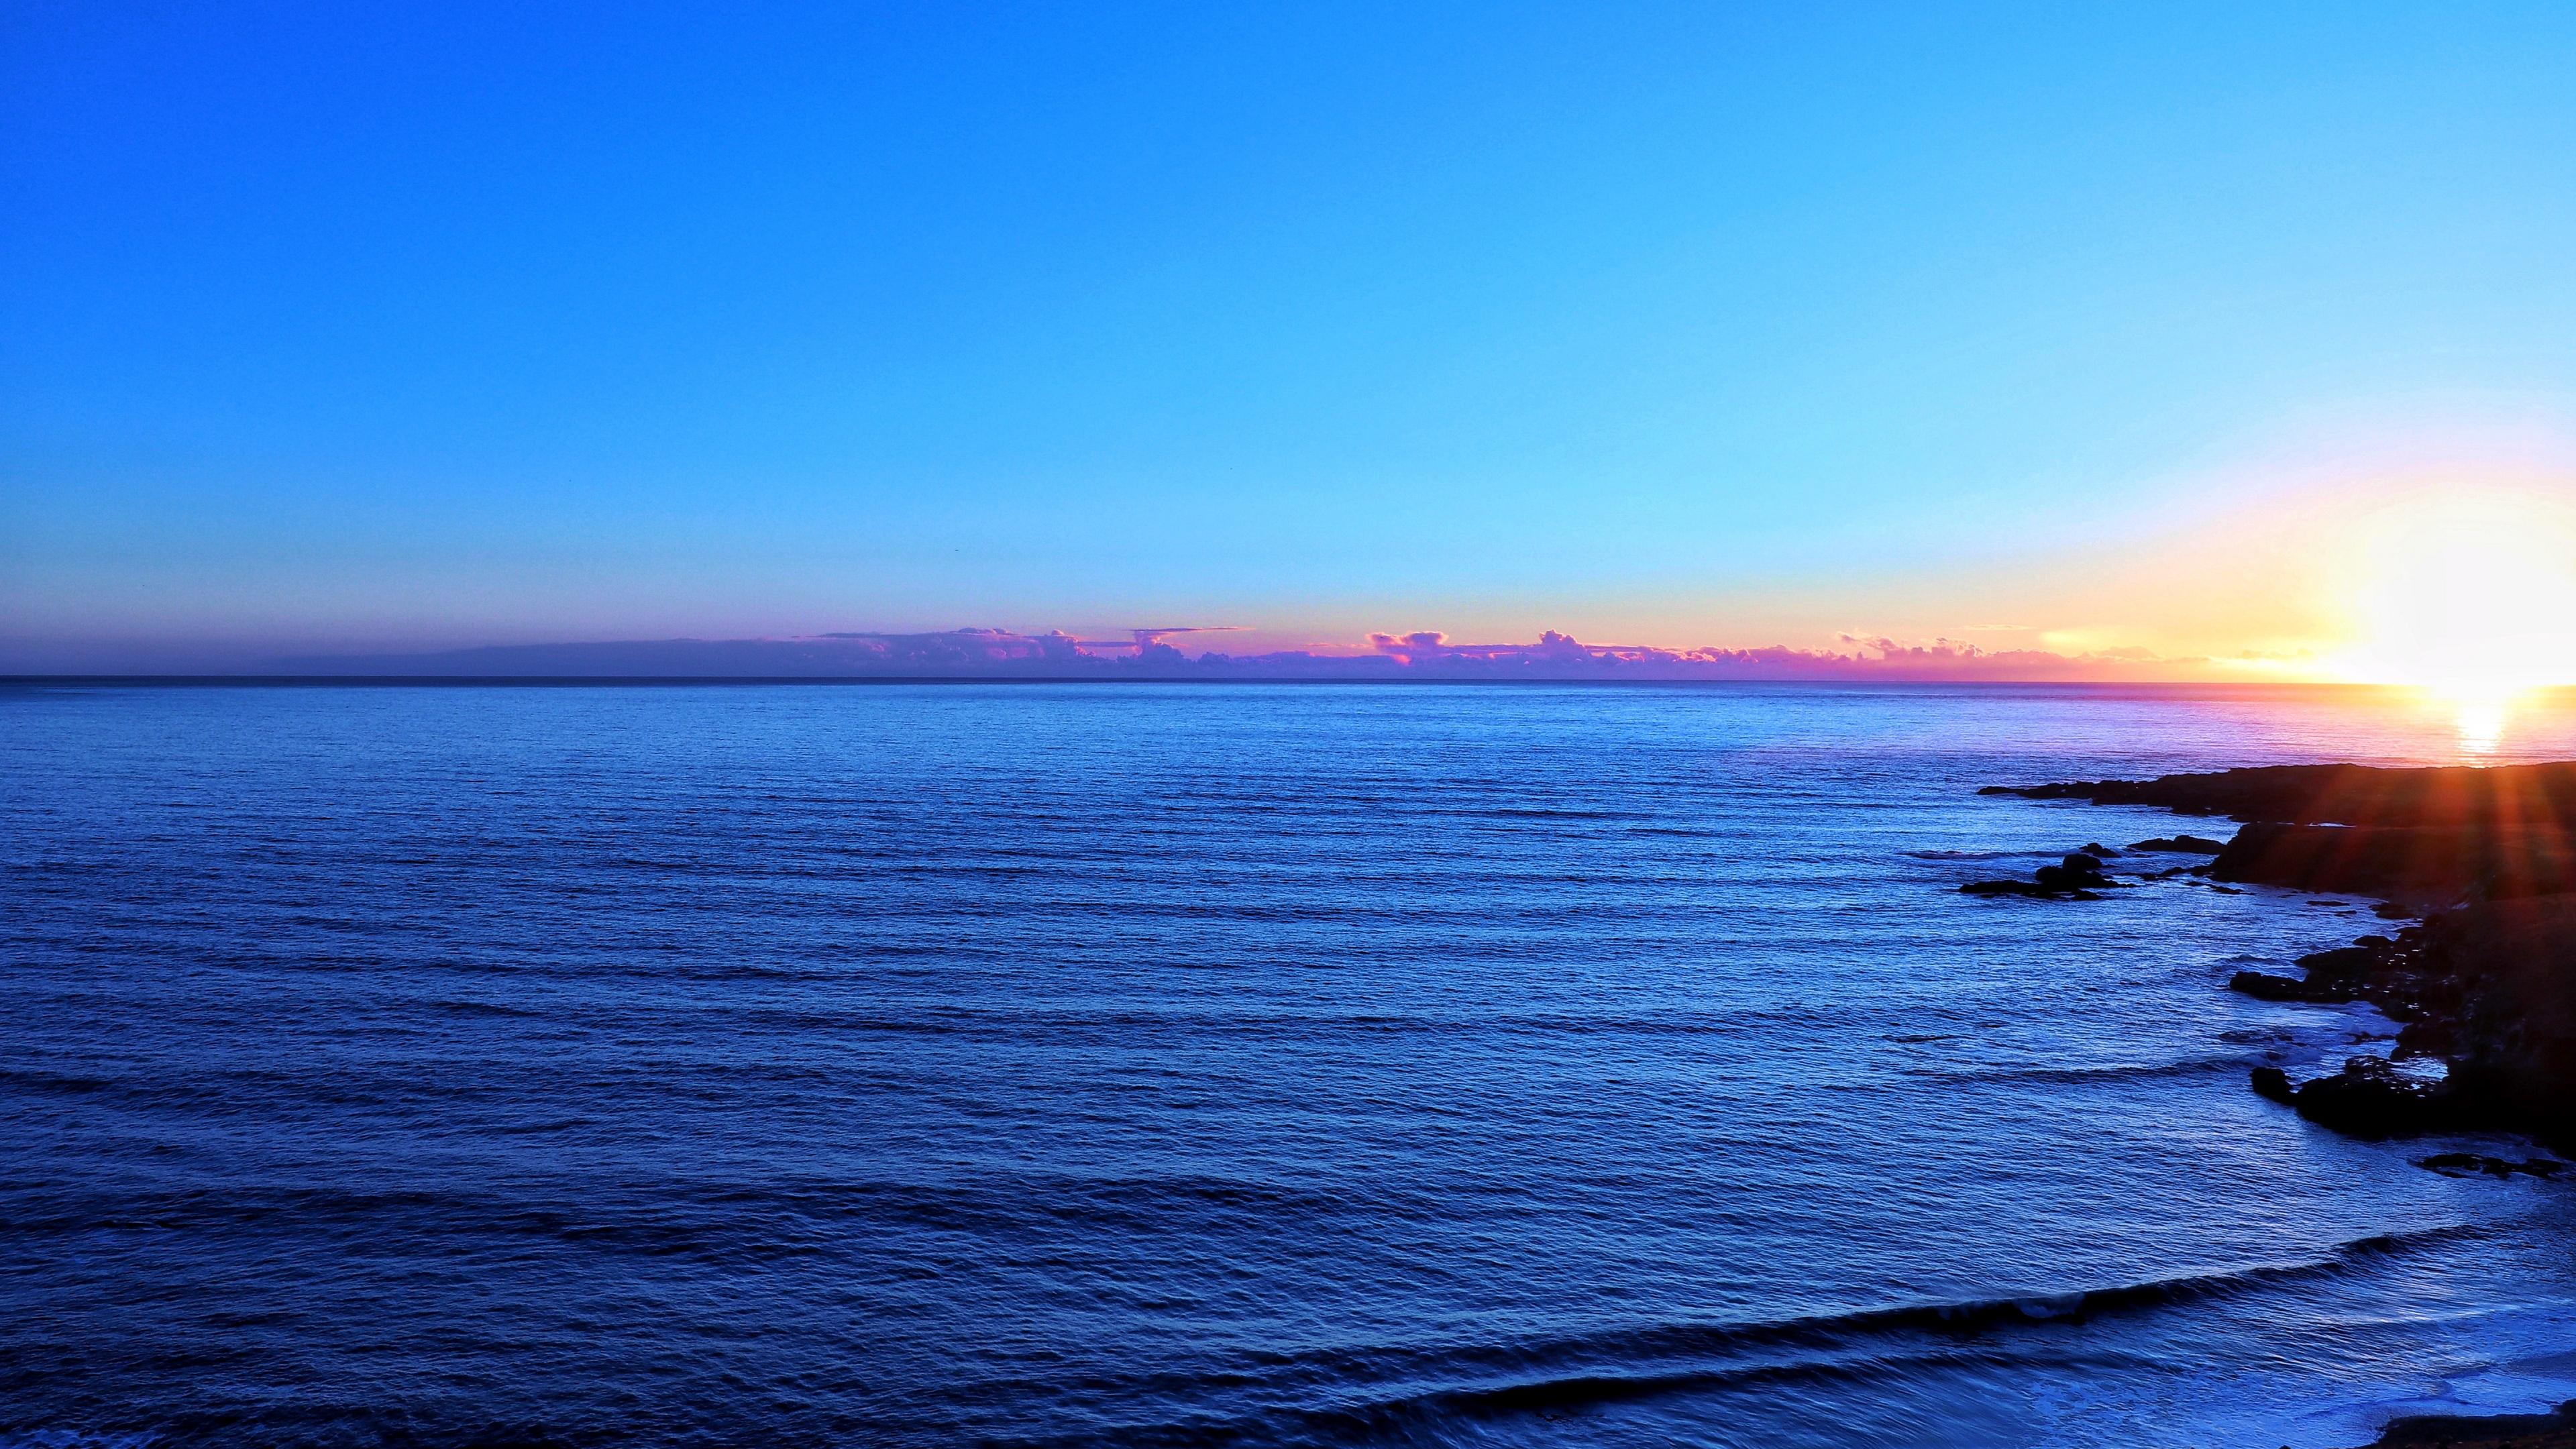 ocean skyline sky sunset 4k 1541117777 - ocean, skyline, sky, sunset 4k - Skyline, Sky, Ocean